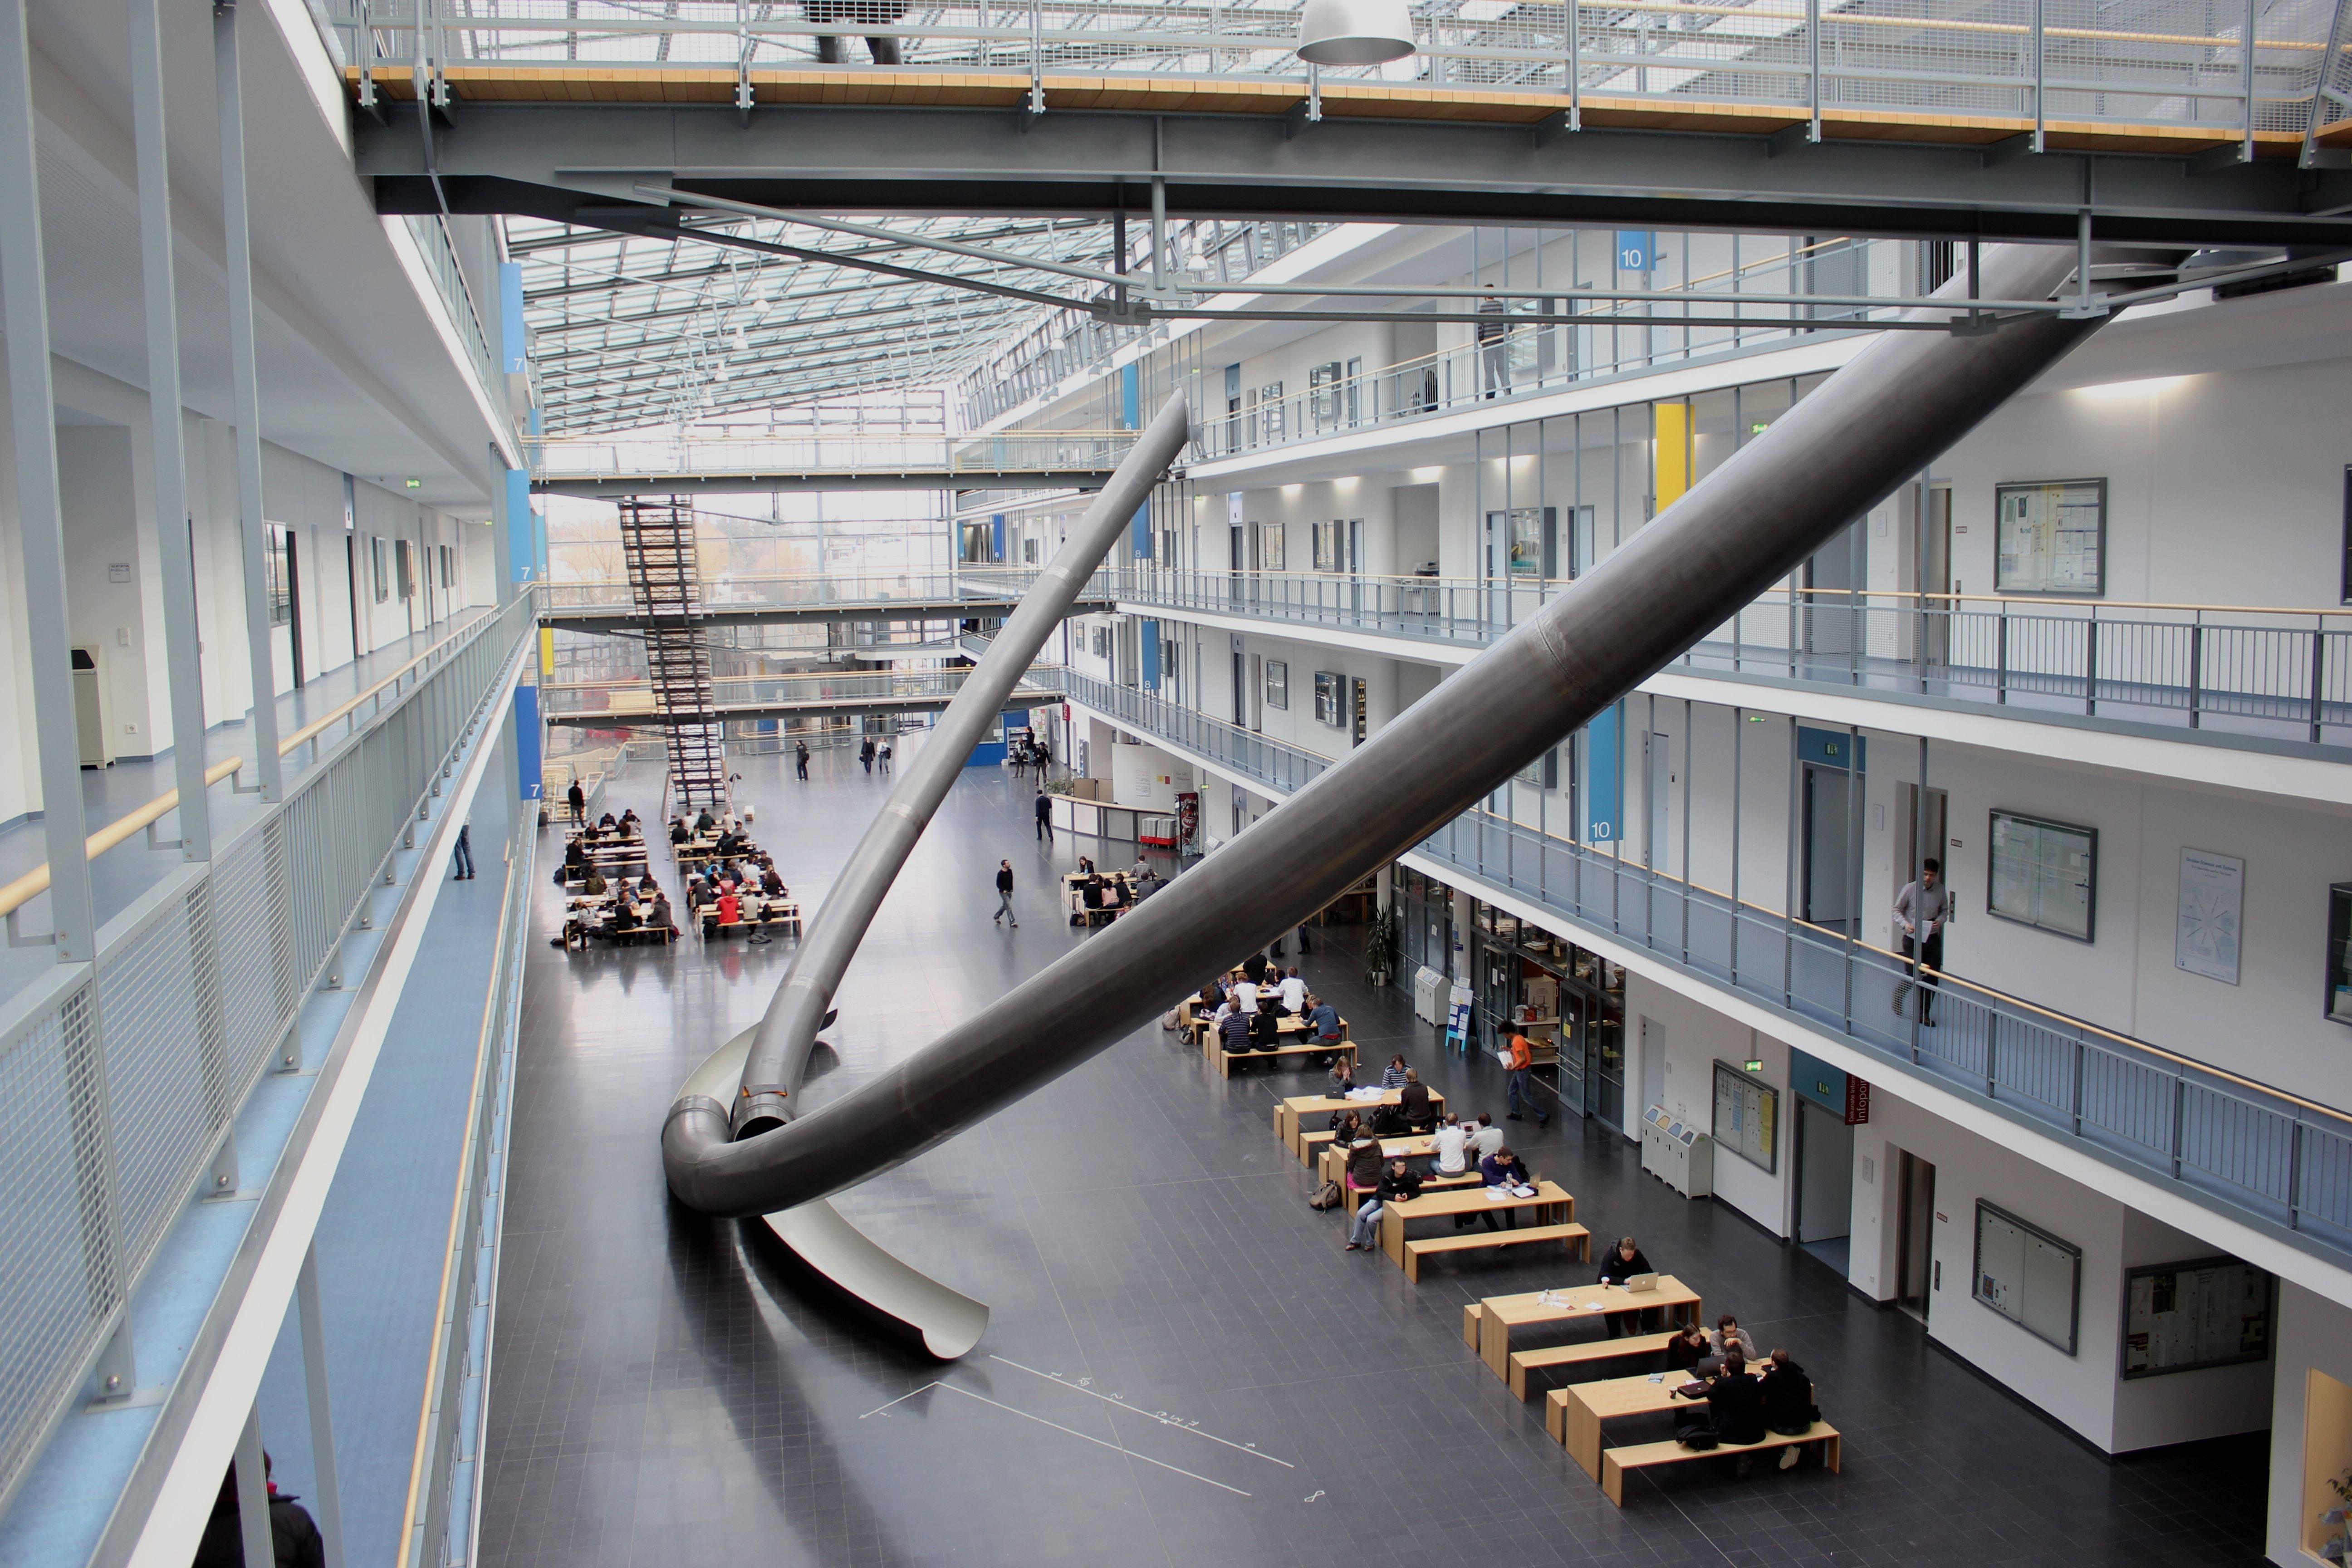 Курсы и программы подготовки к поступлению и обучению в техническом университете мюнхена - studyinfocus